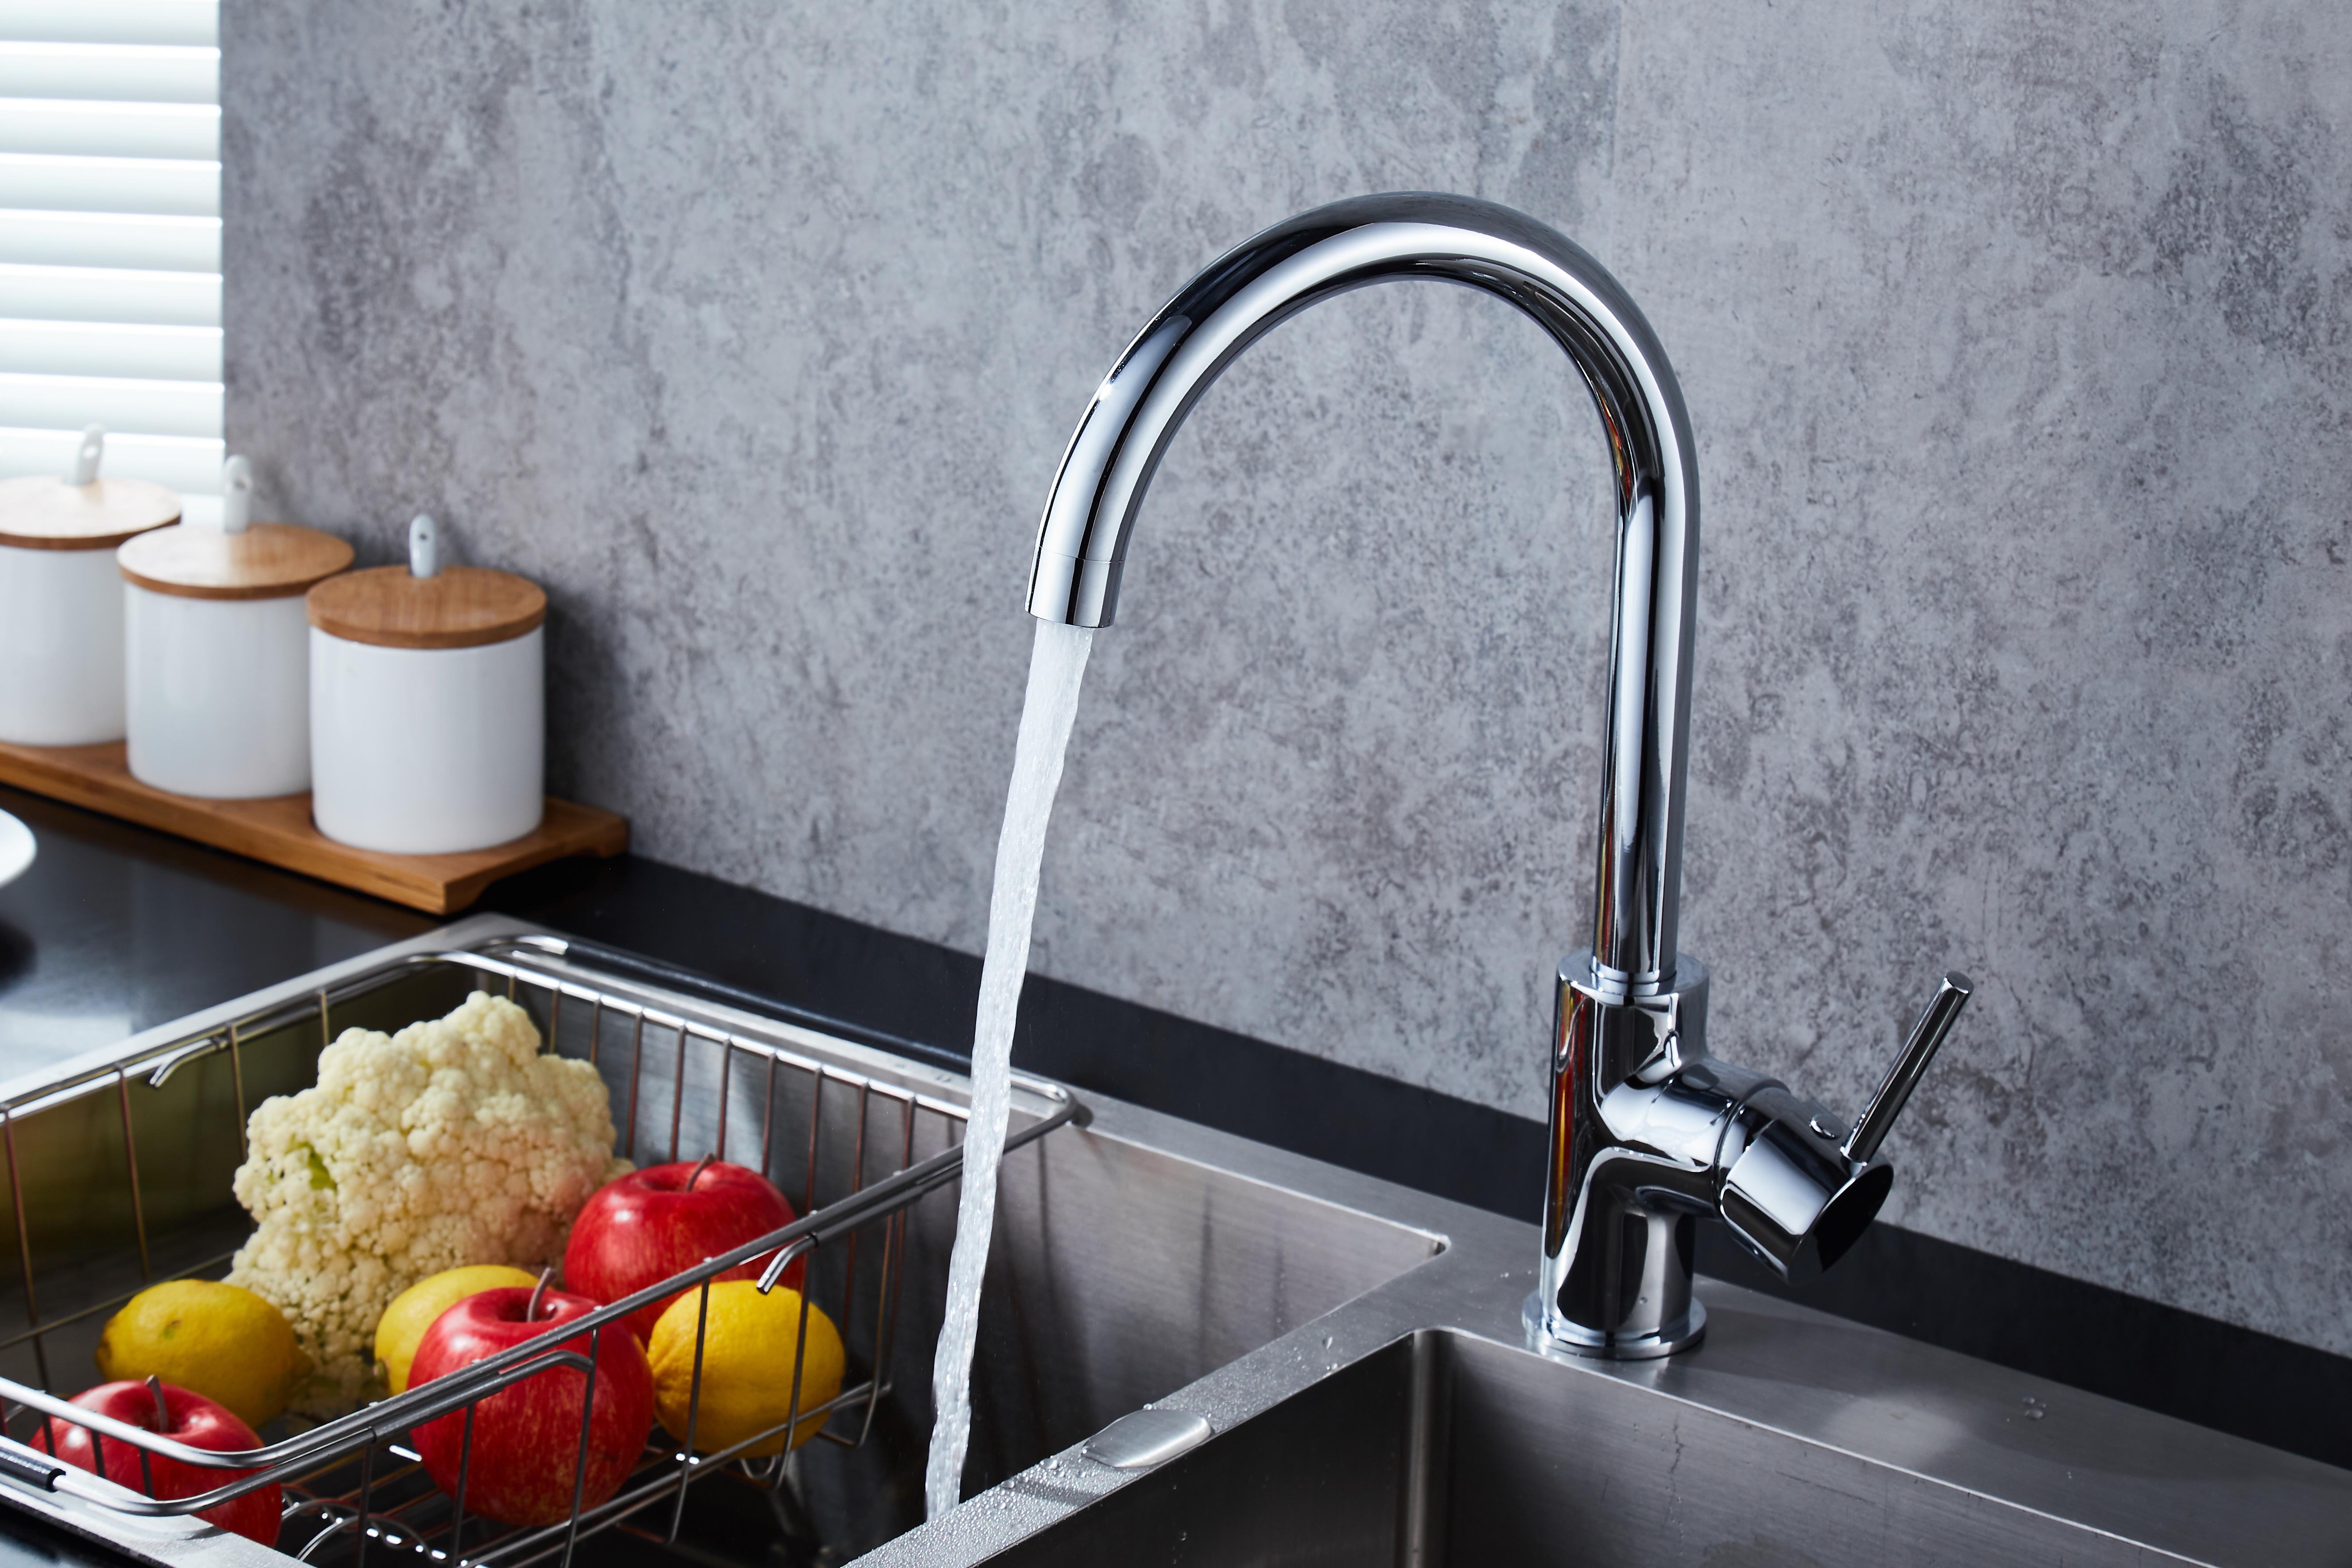 Goose Neck Swivel Kitchen Sink Mixer Taps Laundry Sink Mixer - Rio ...